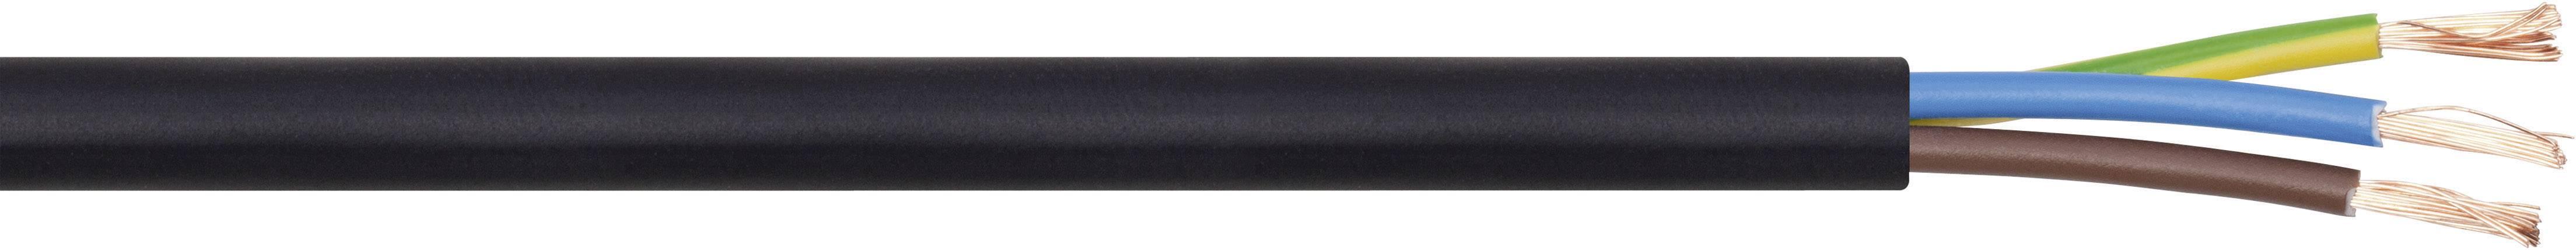 Vícežílový kabel LappKabel H05VV-F, 49900077, 3 G 1.50 mm², černá, metrové zboží